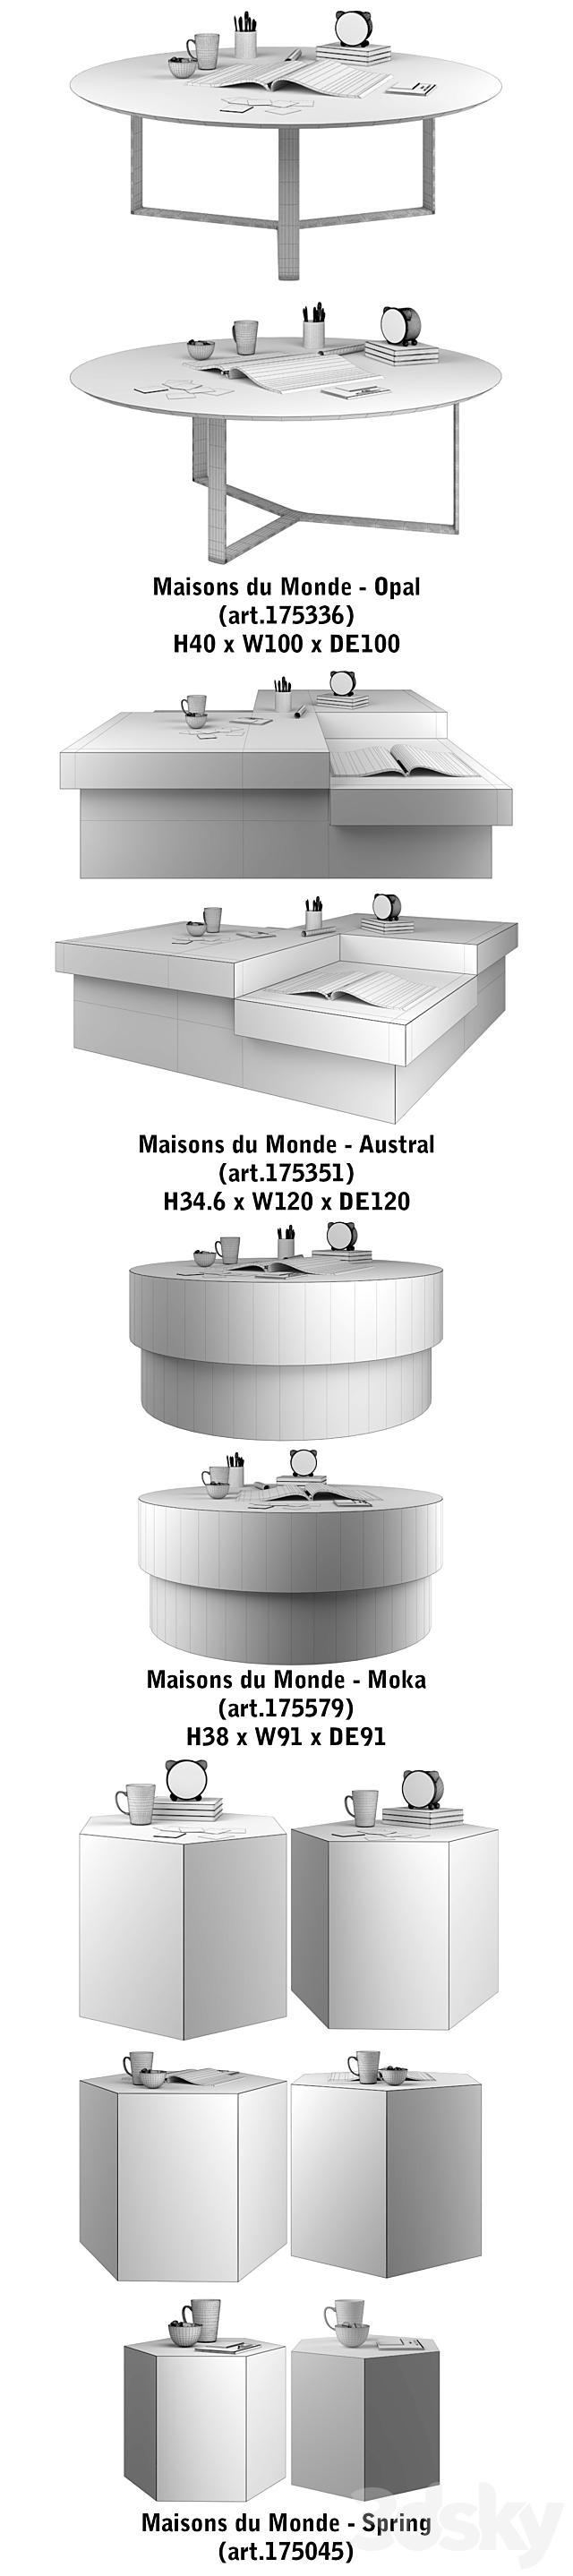 Maisons du Monde | set 39